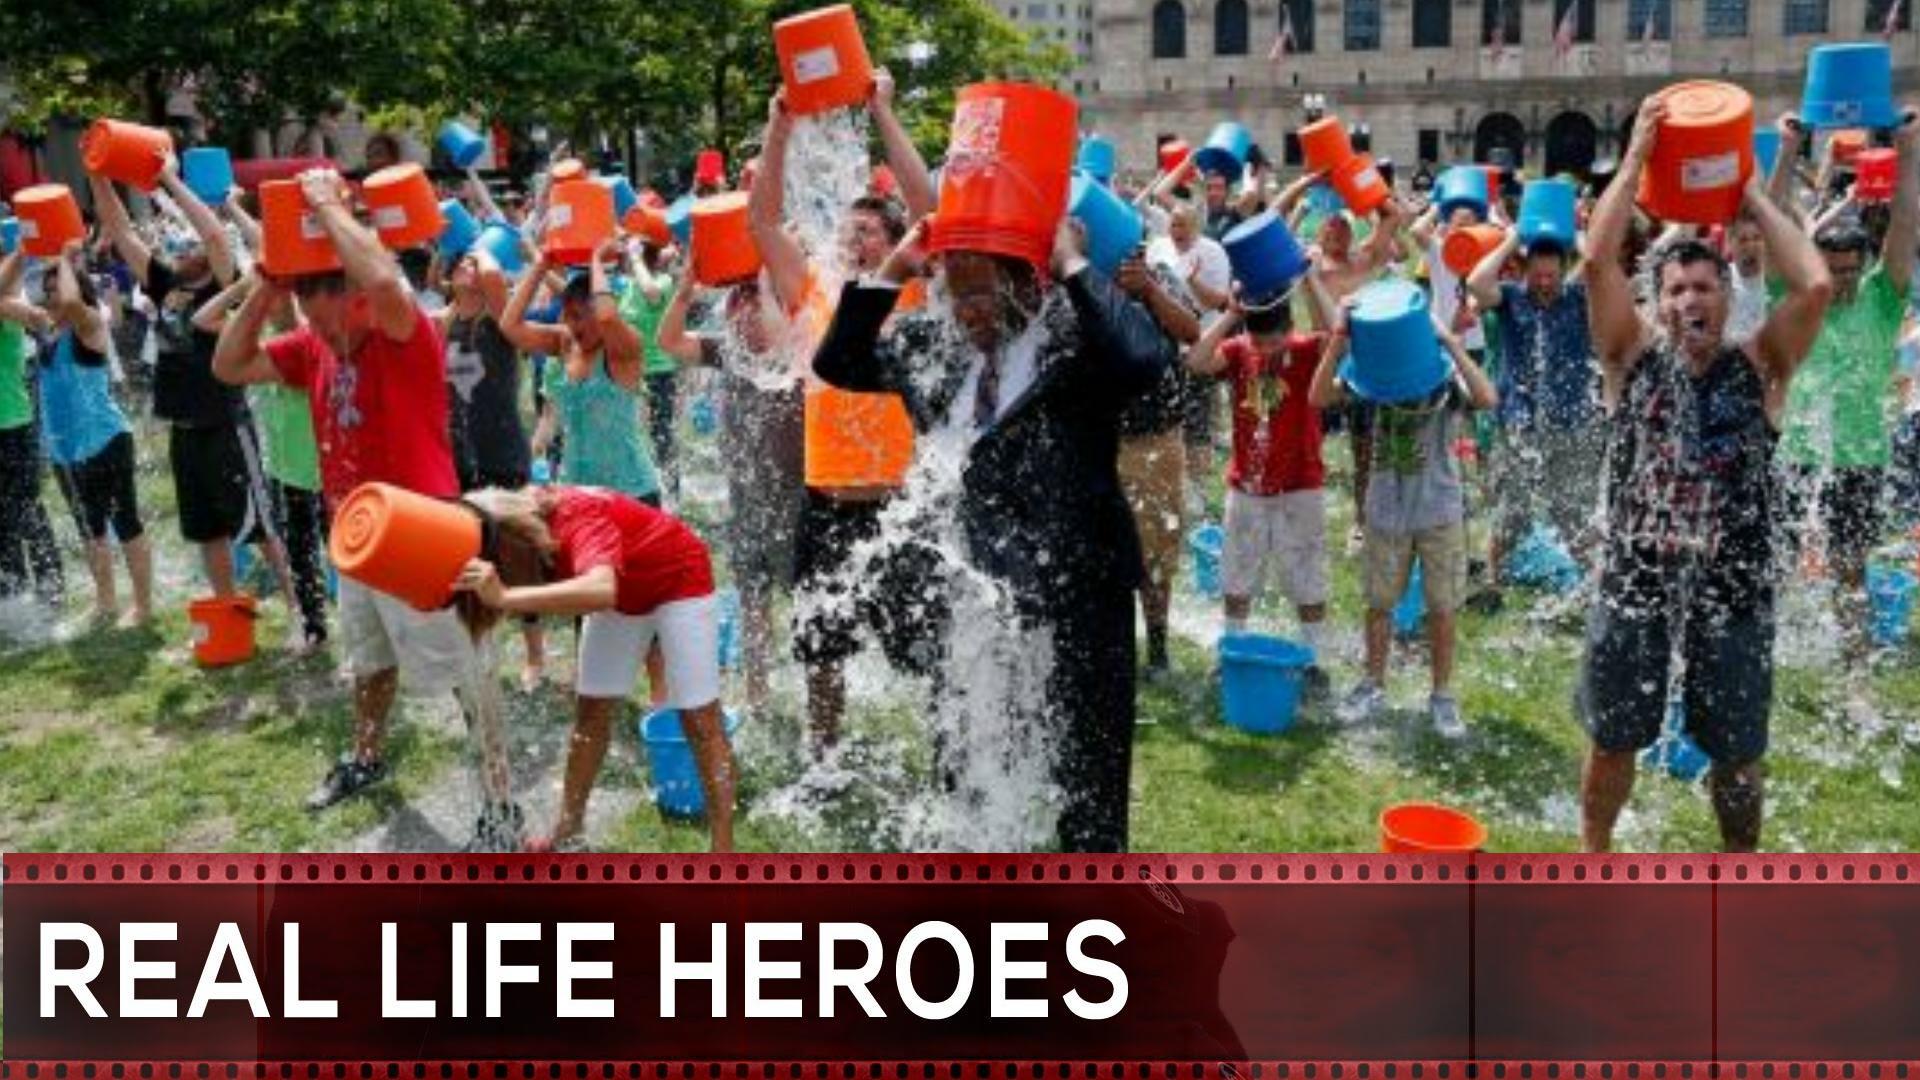 Photo of Fondurile adunate cu ajutorul Ice Bucket Challenge au ajutat la descoperirea genei responsabile pentru boala ALS